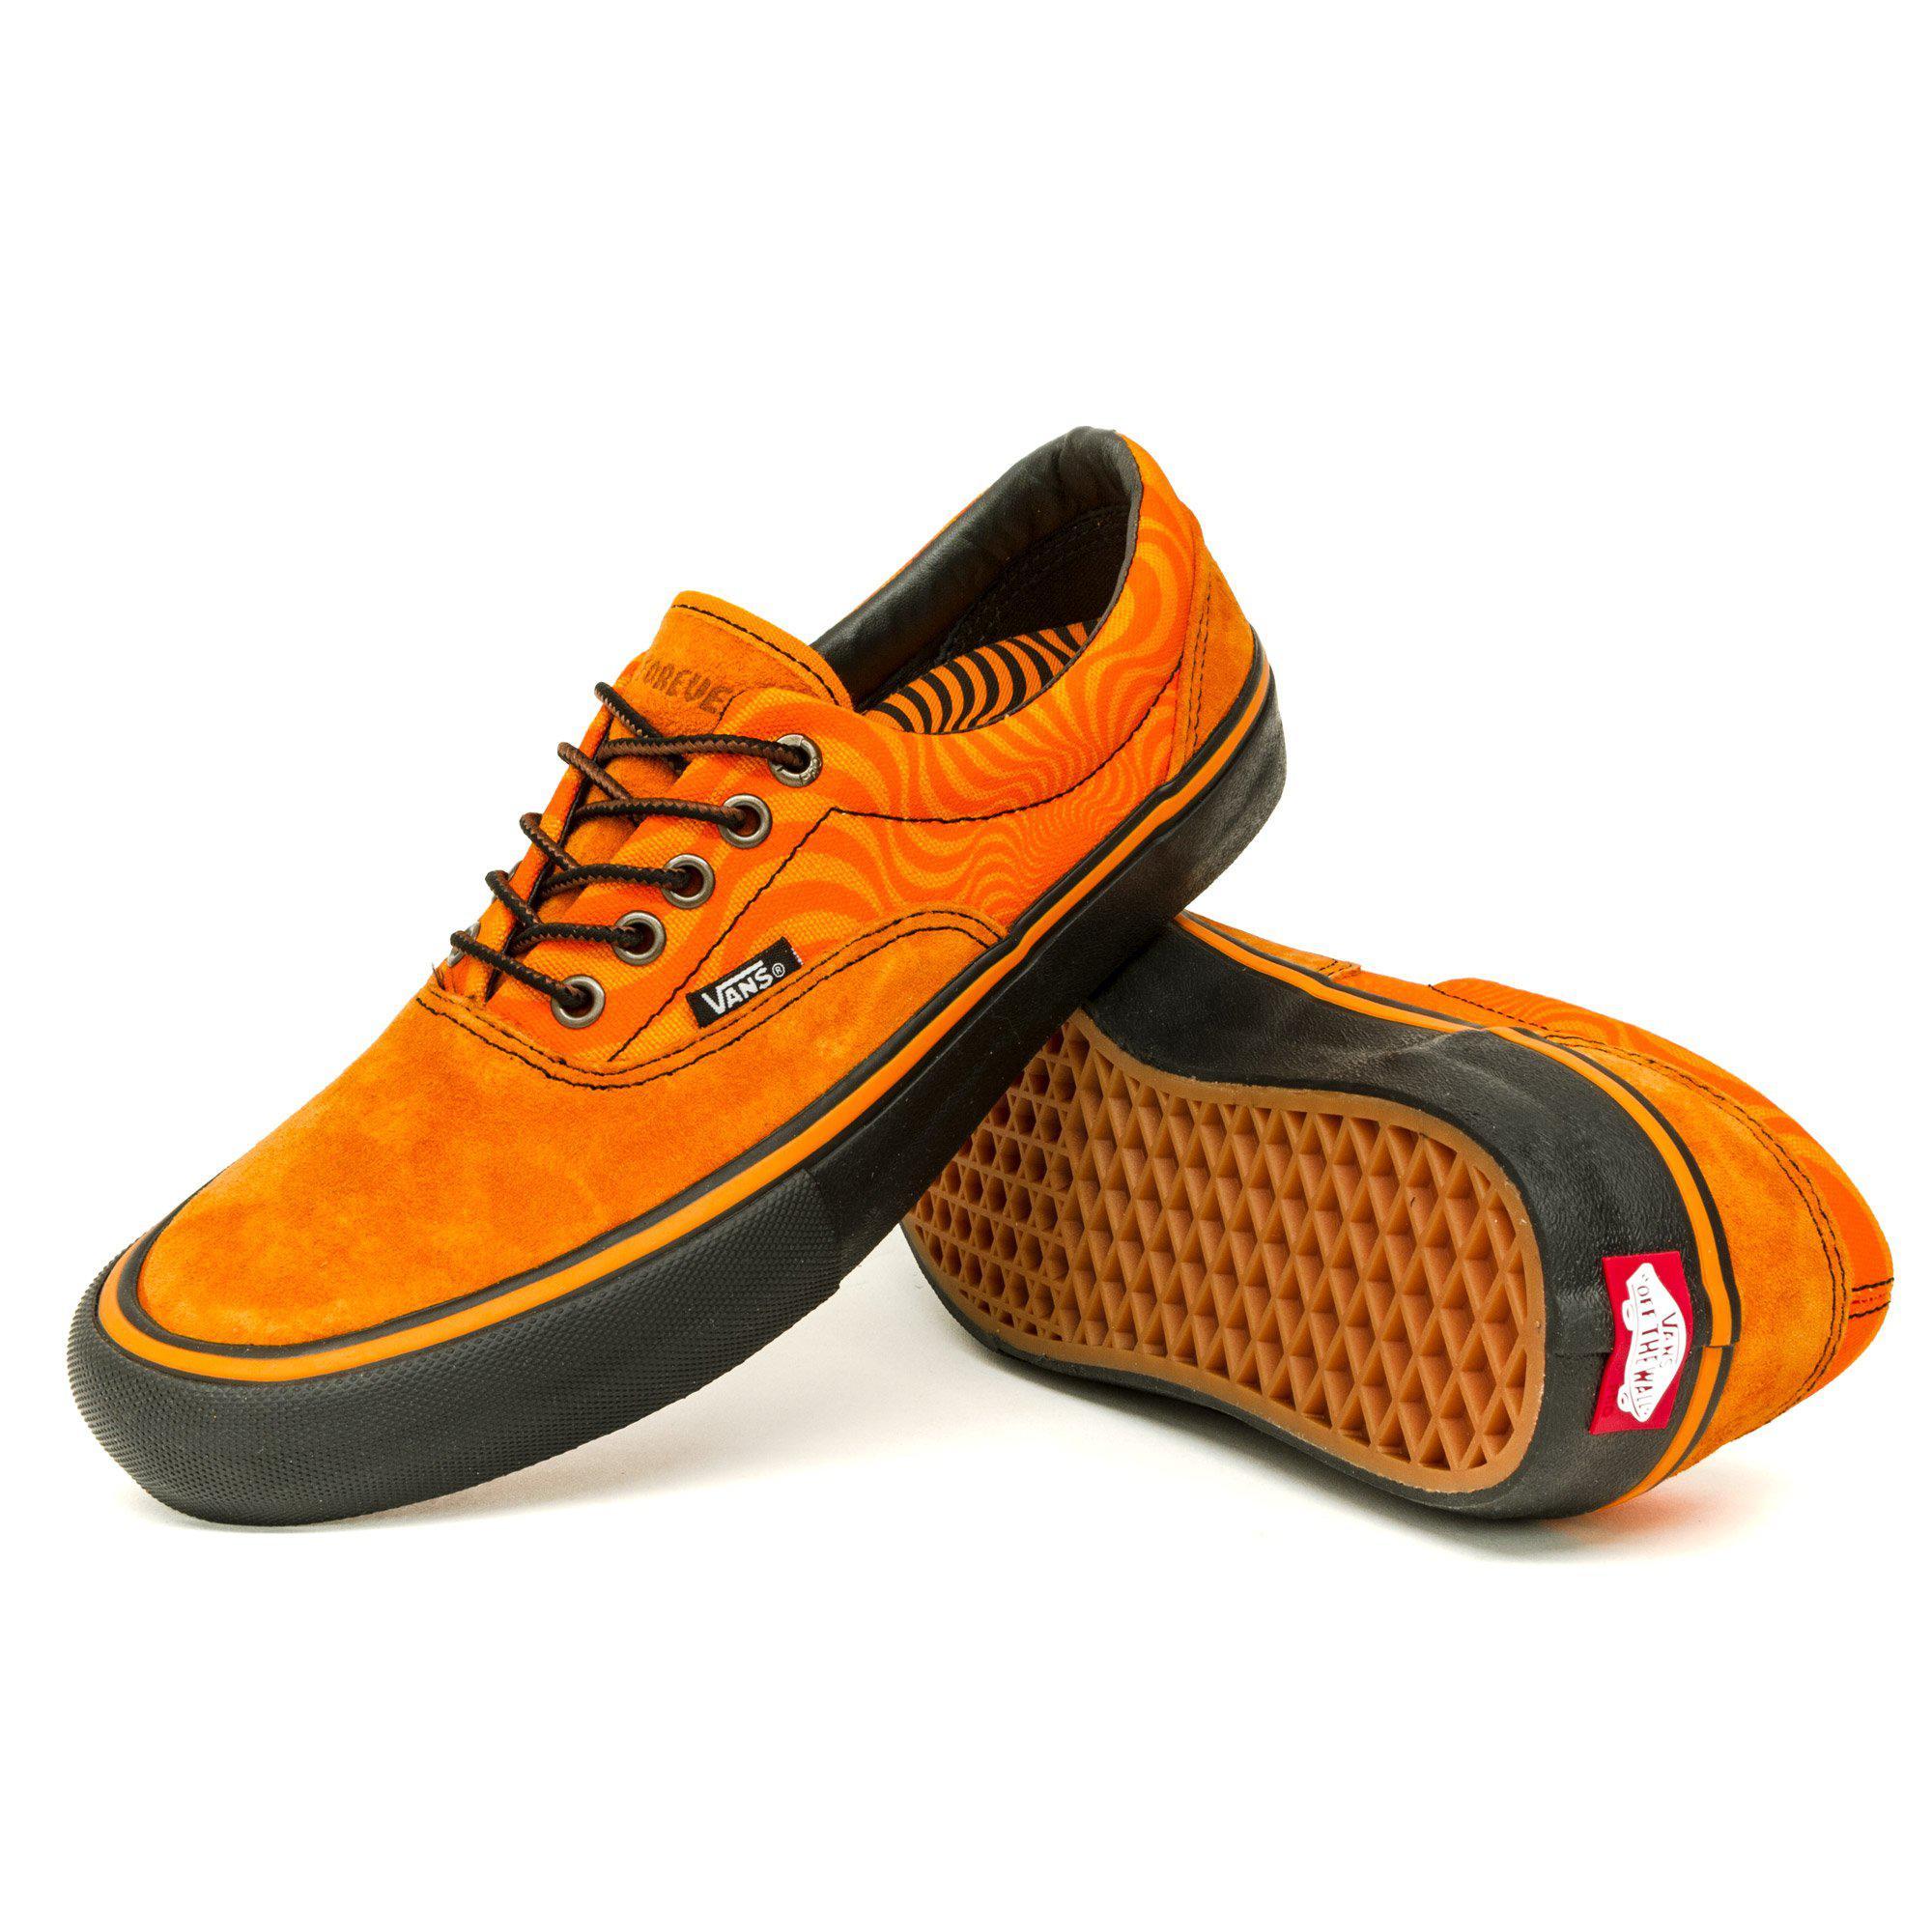 6ef7df2cd4 Lyst - Vans X Spitfire Era Pro Shoes in Orange for Men